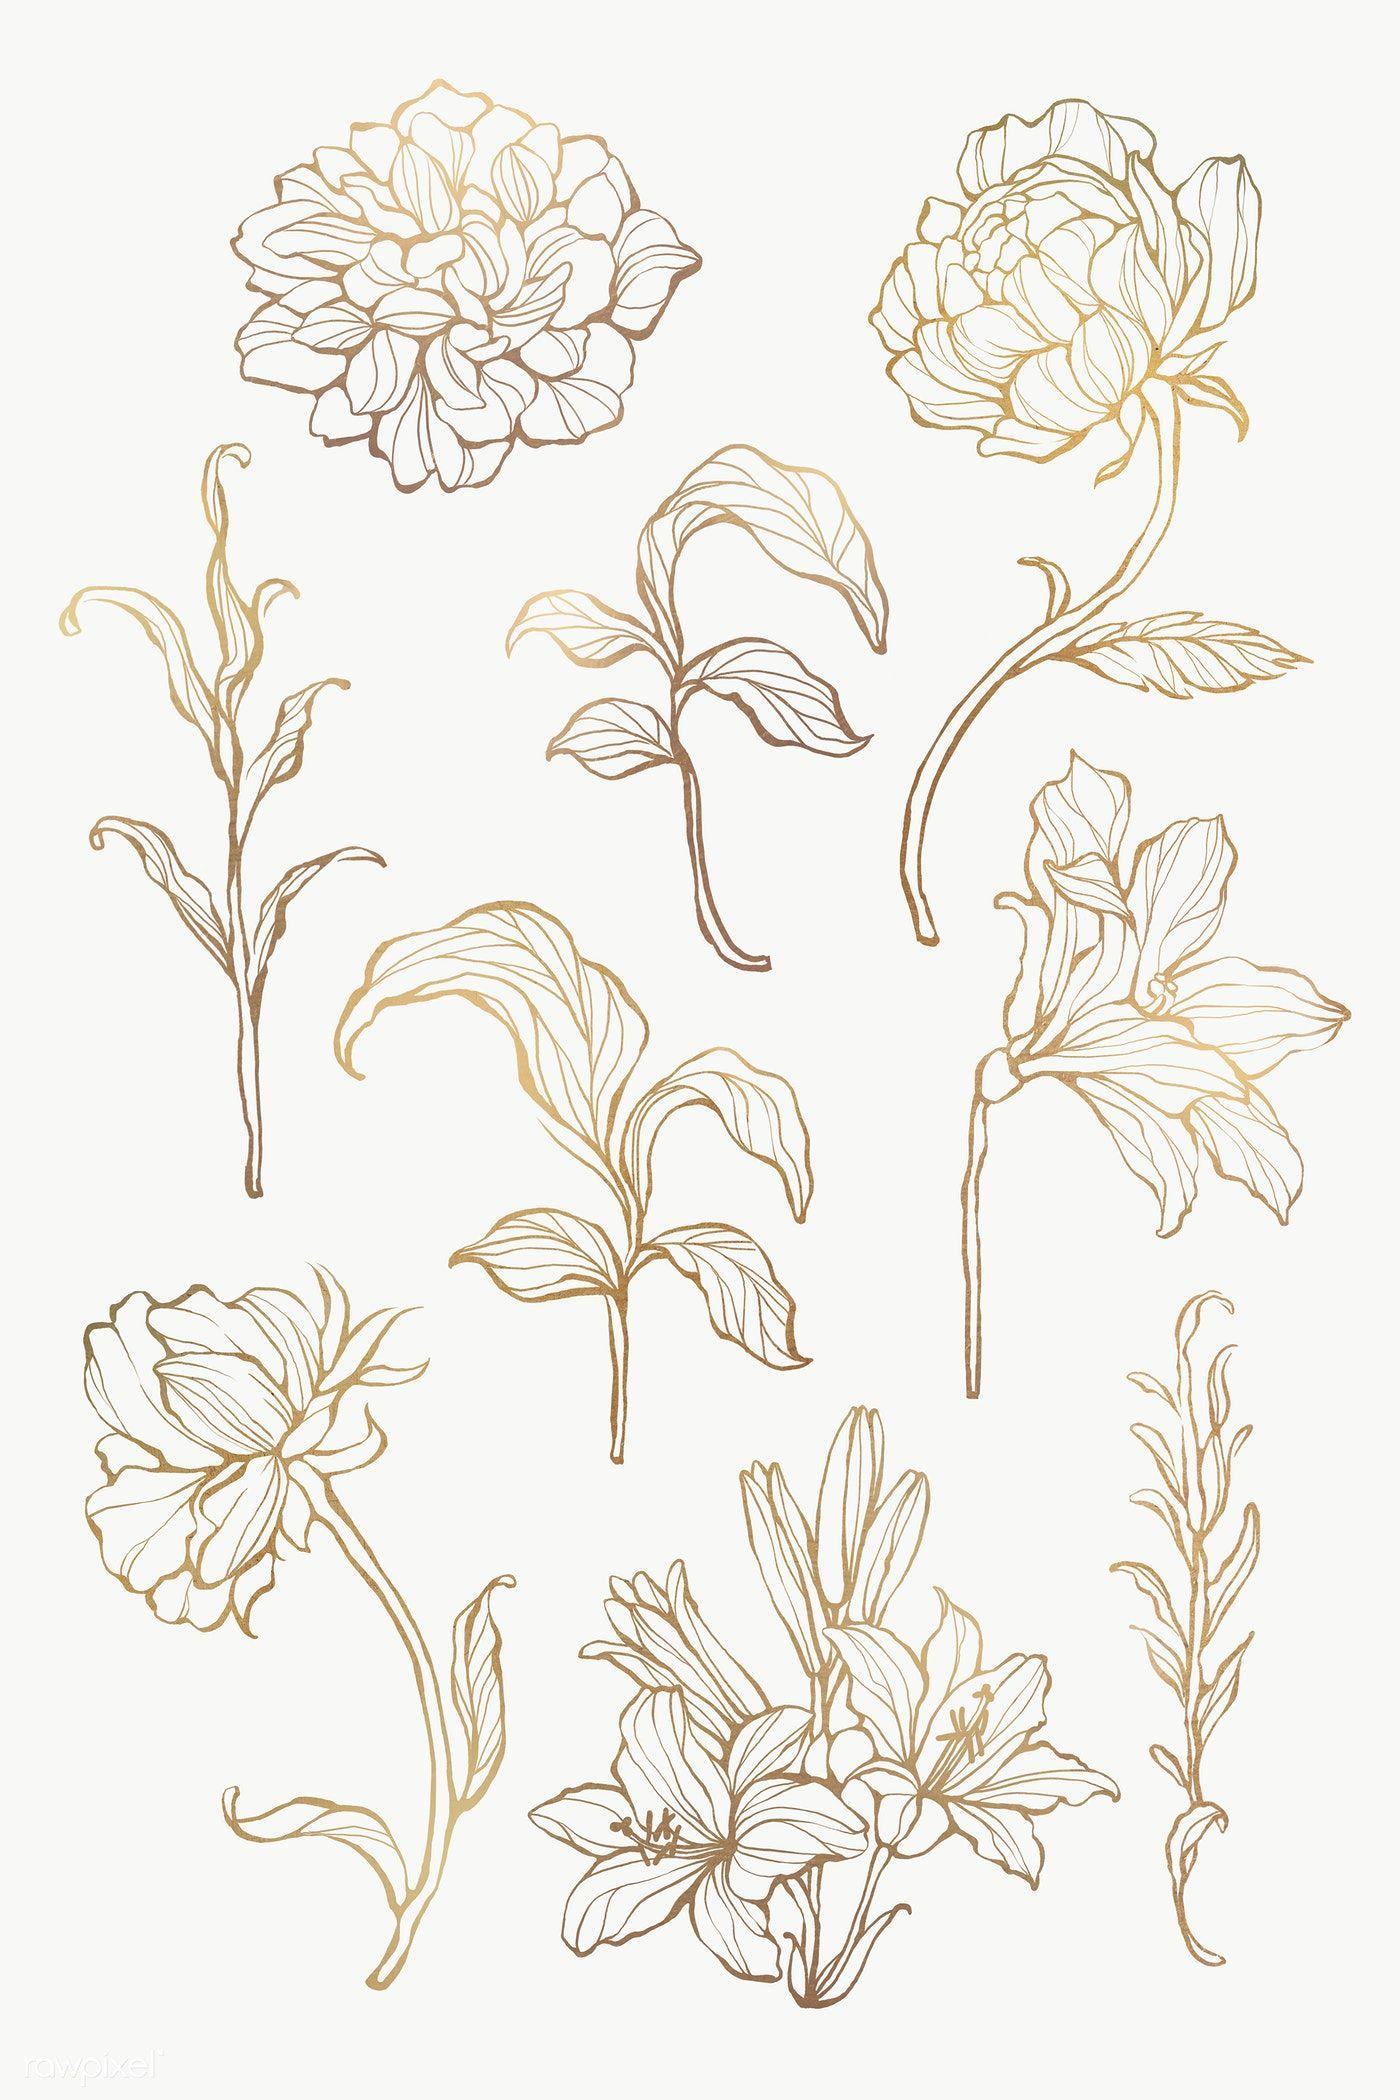 Gold Floral Outline Set Transparent Png Premium Image By Rawpixel Com Nunny Flower Outline Leaf Outline Outline Art